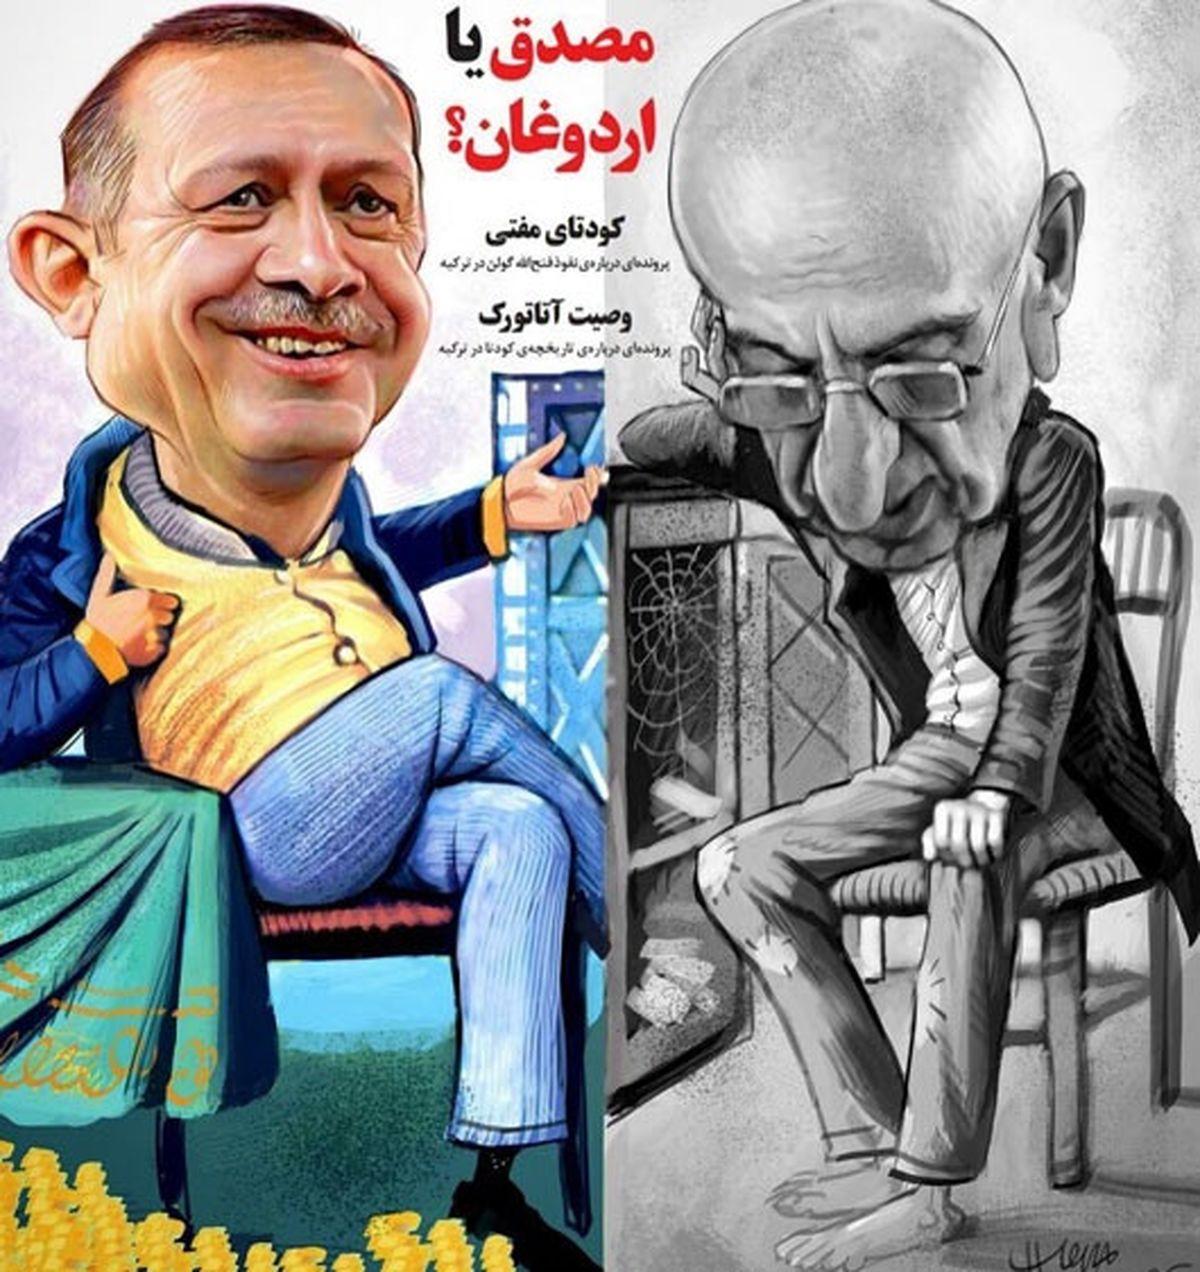 مصدق و اردوغان کنار هم! (کاریکاتور)